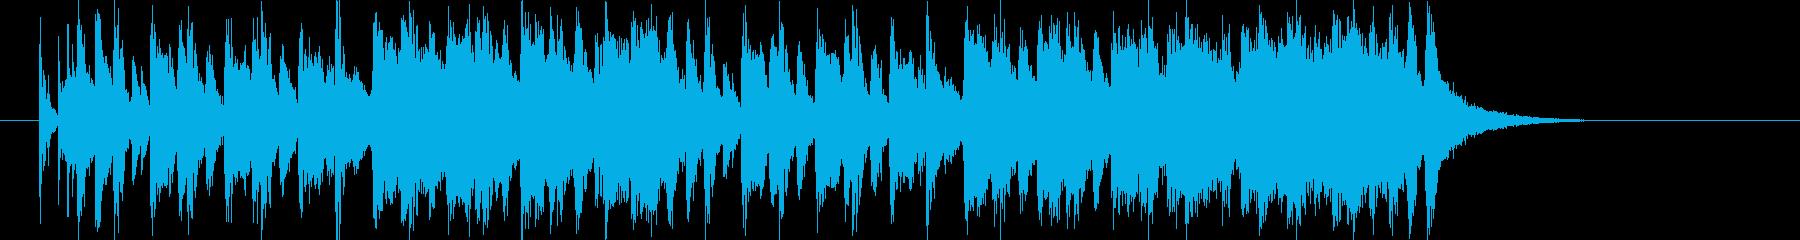 明るいピアノのポップ曲の再生済みの波形